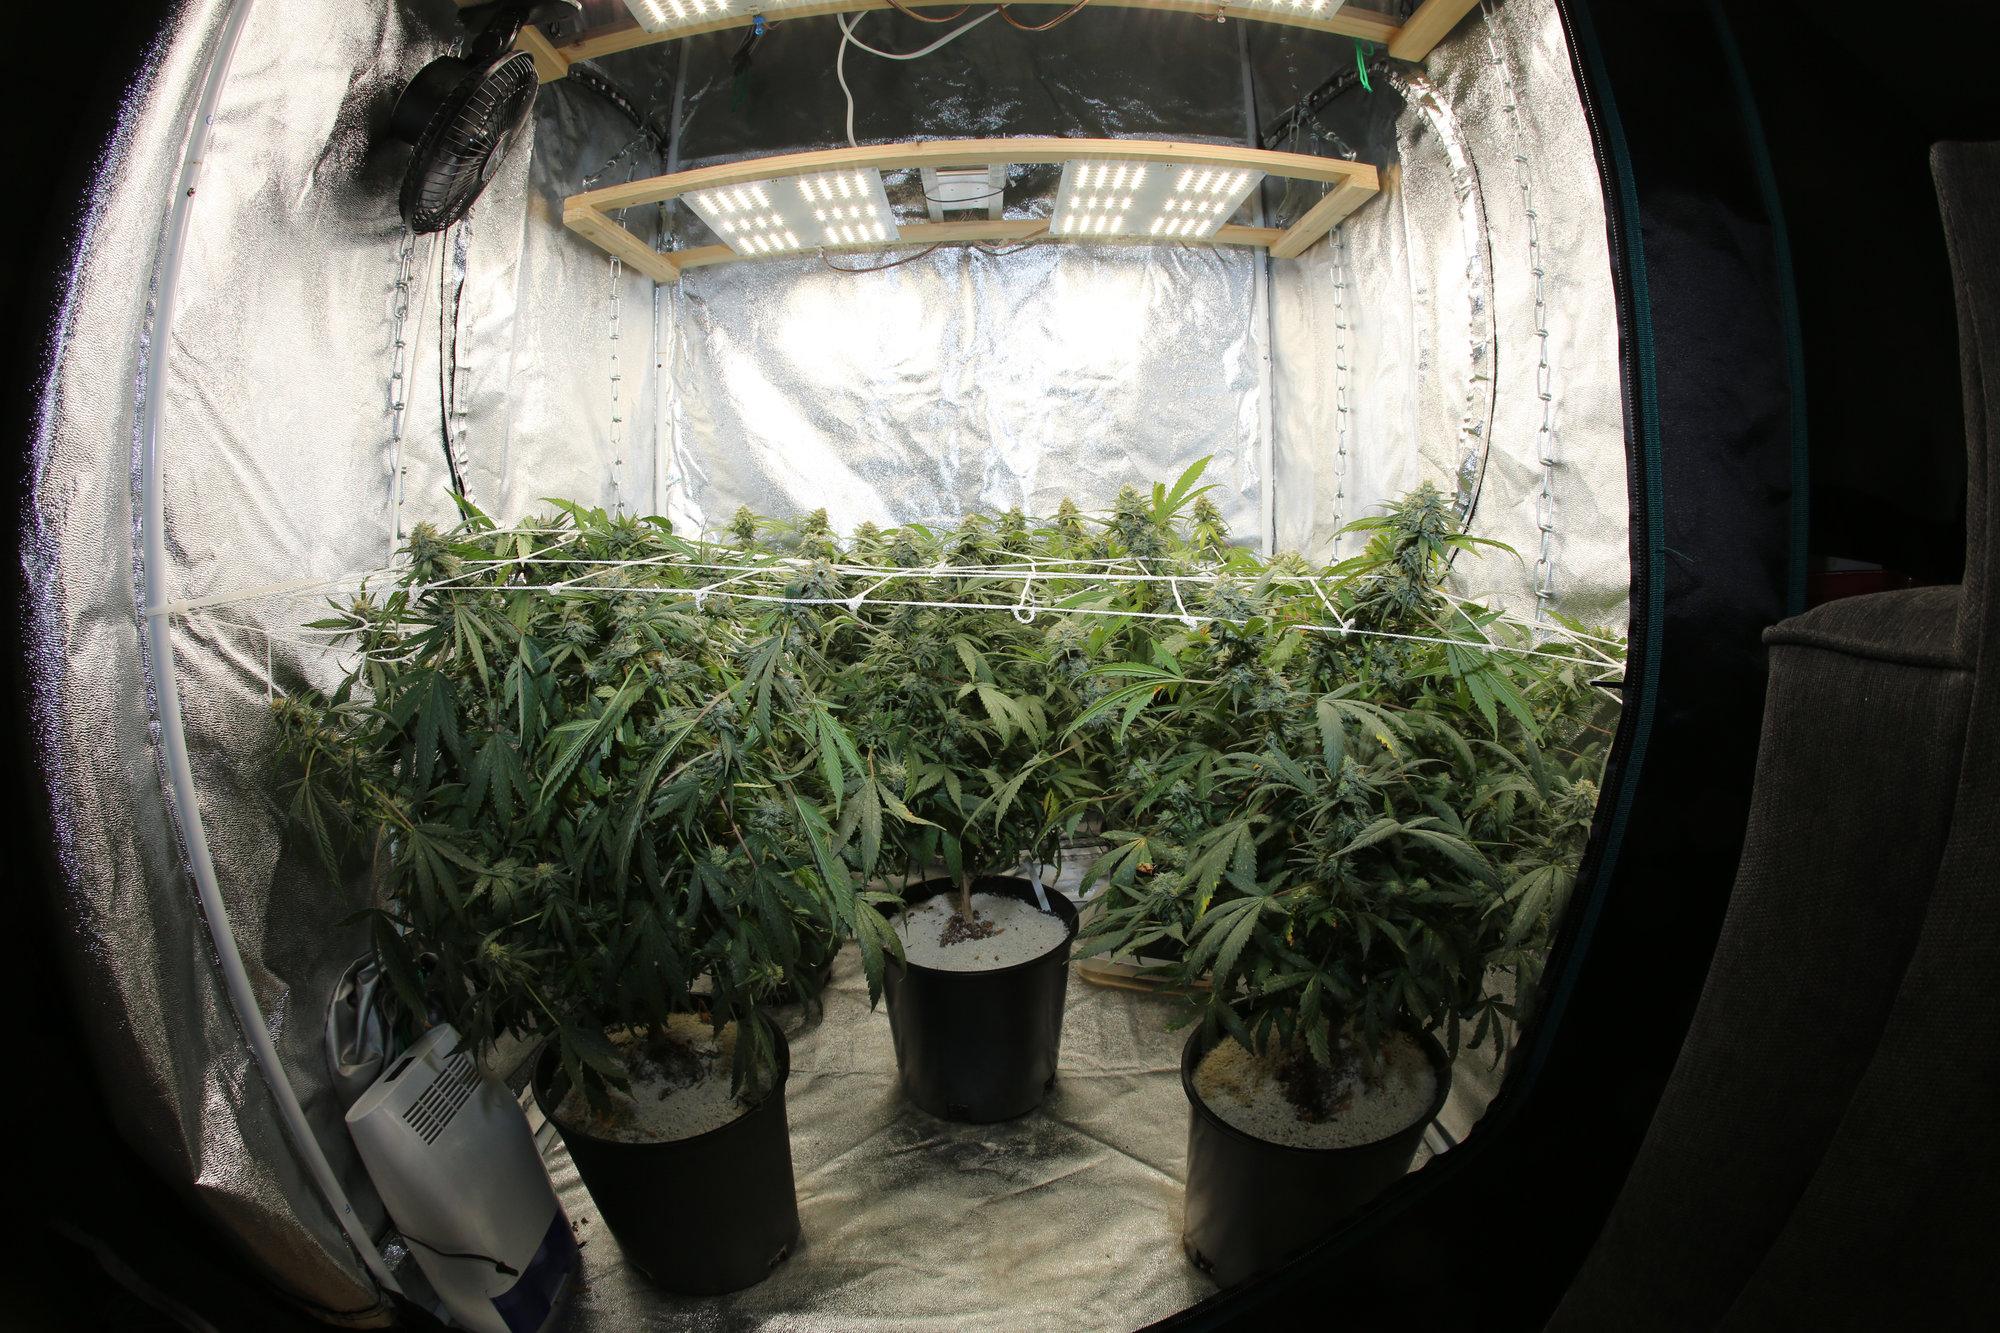 Grow Marijuana at your home